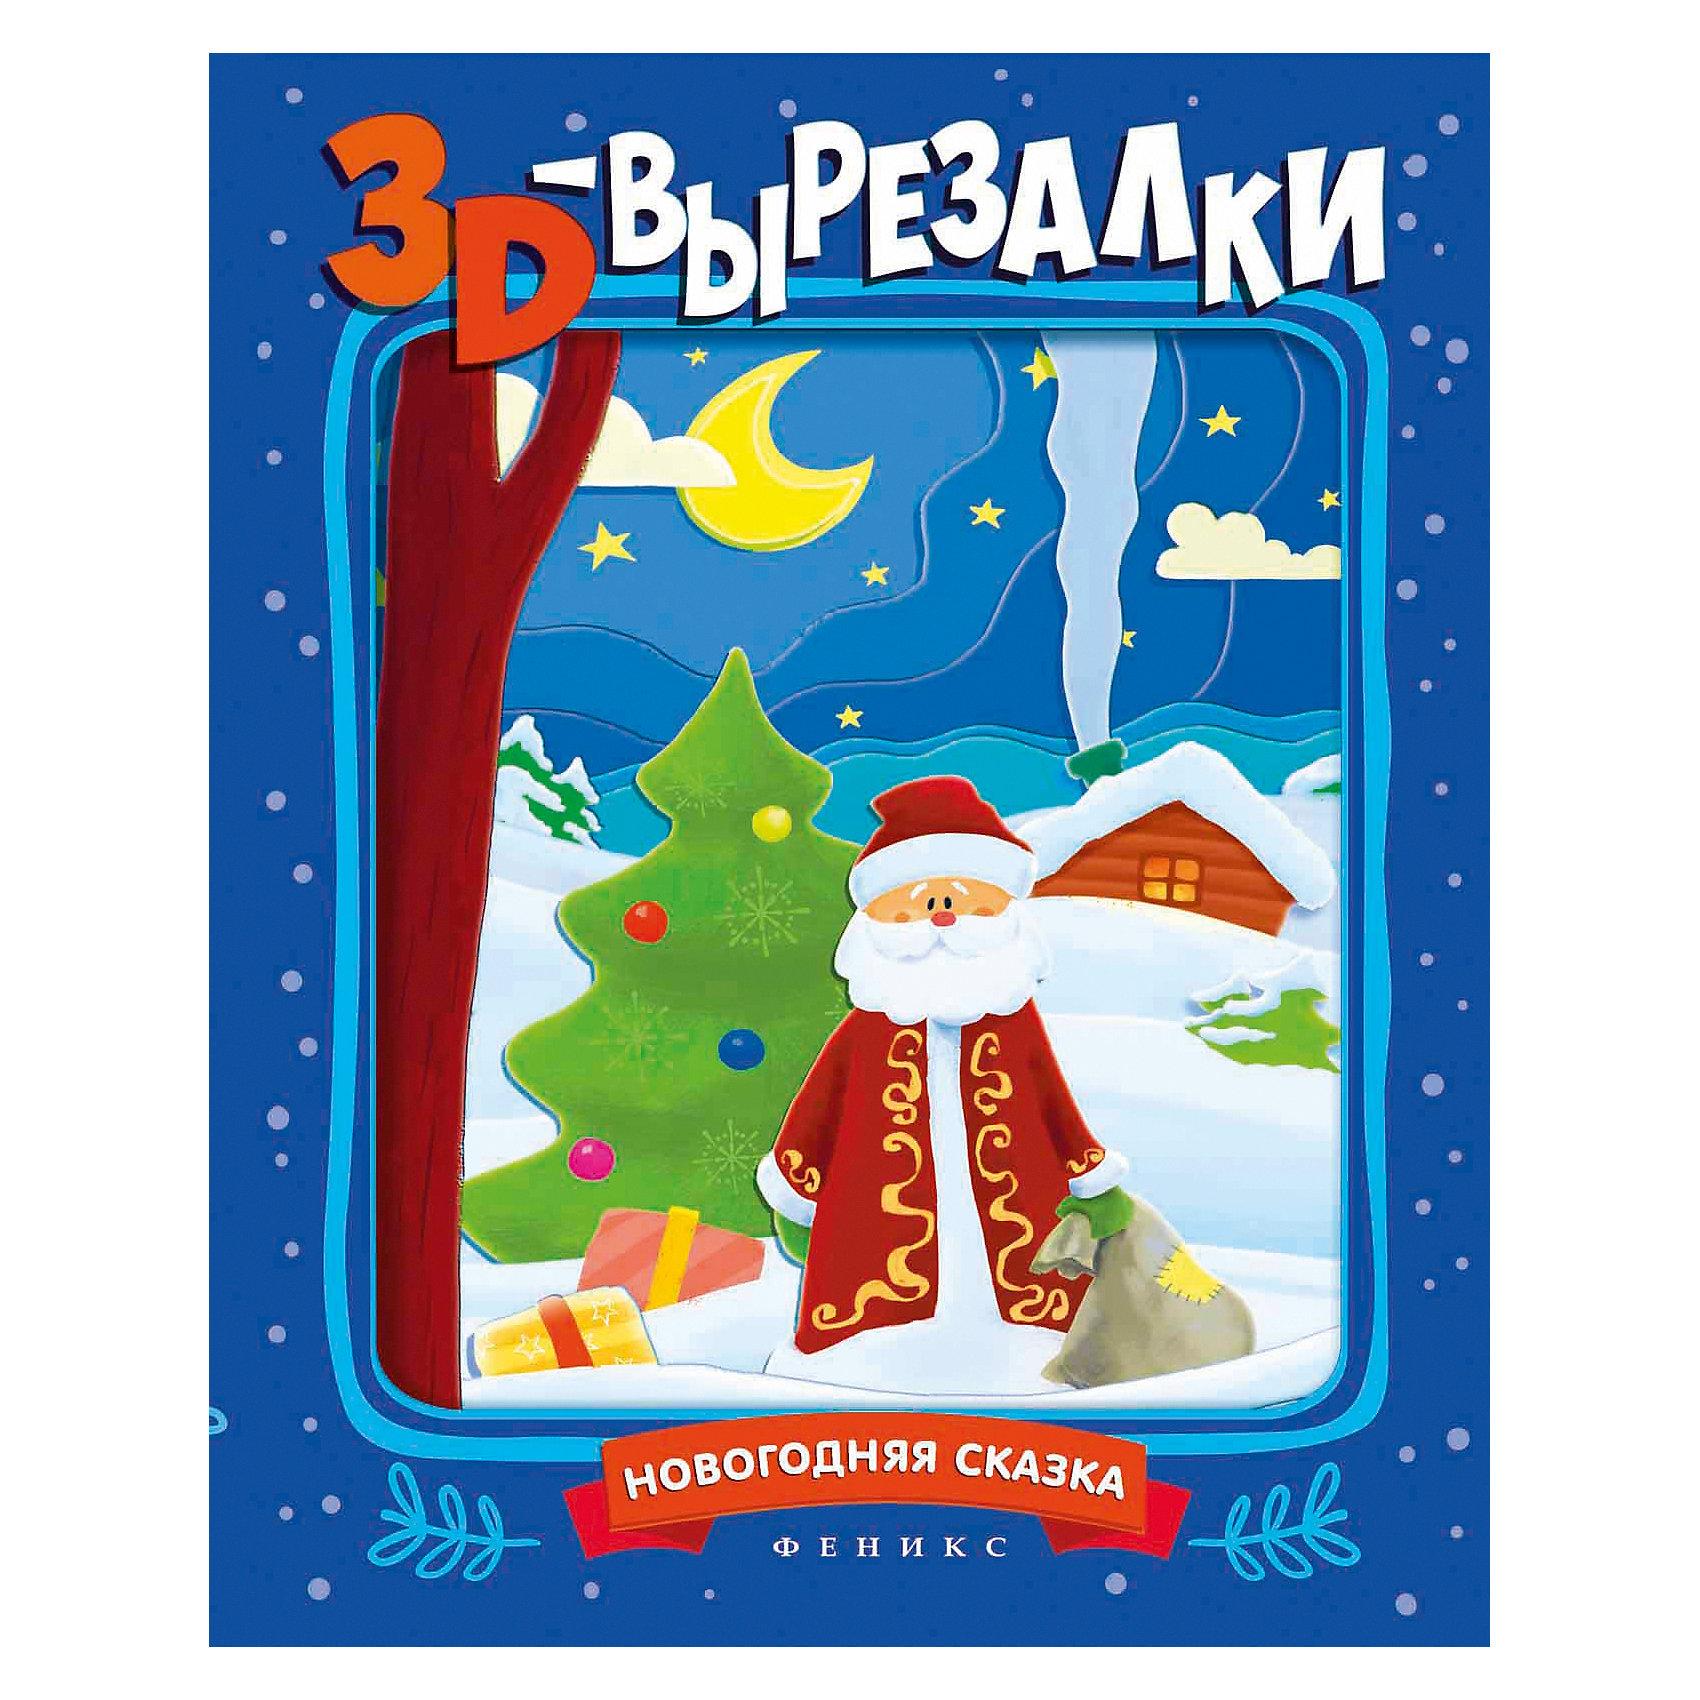 новогодняя-сказка-книга-выре-залка